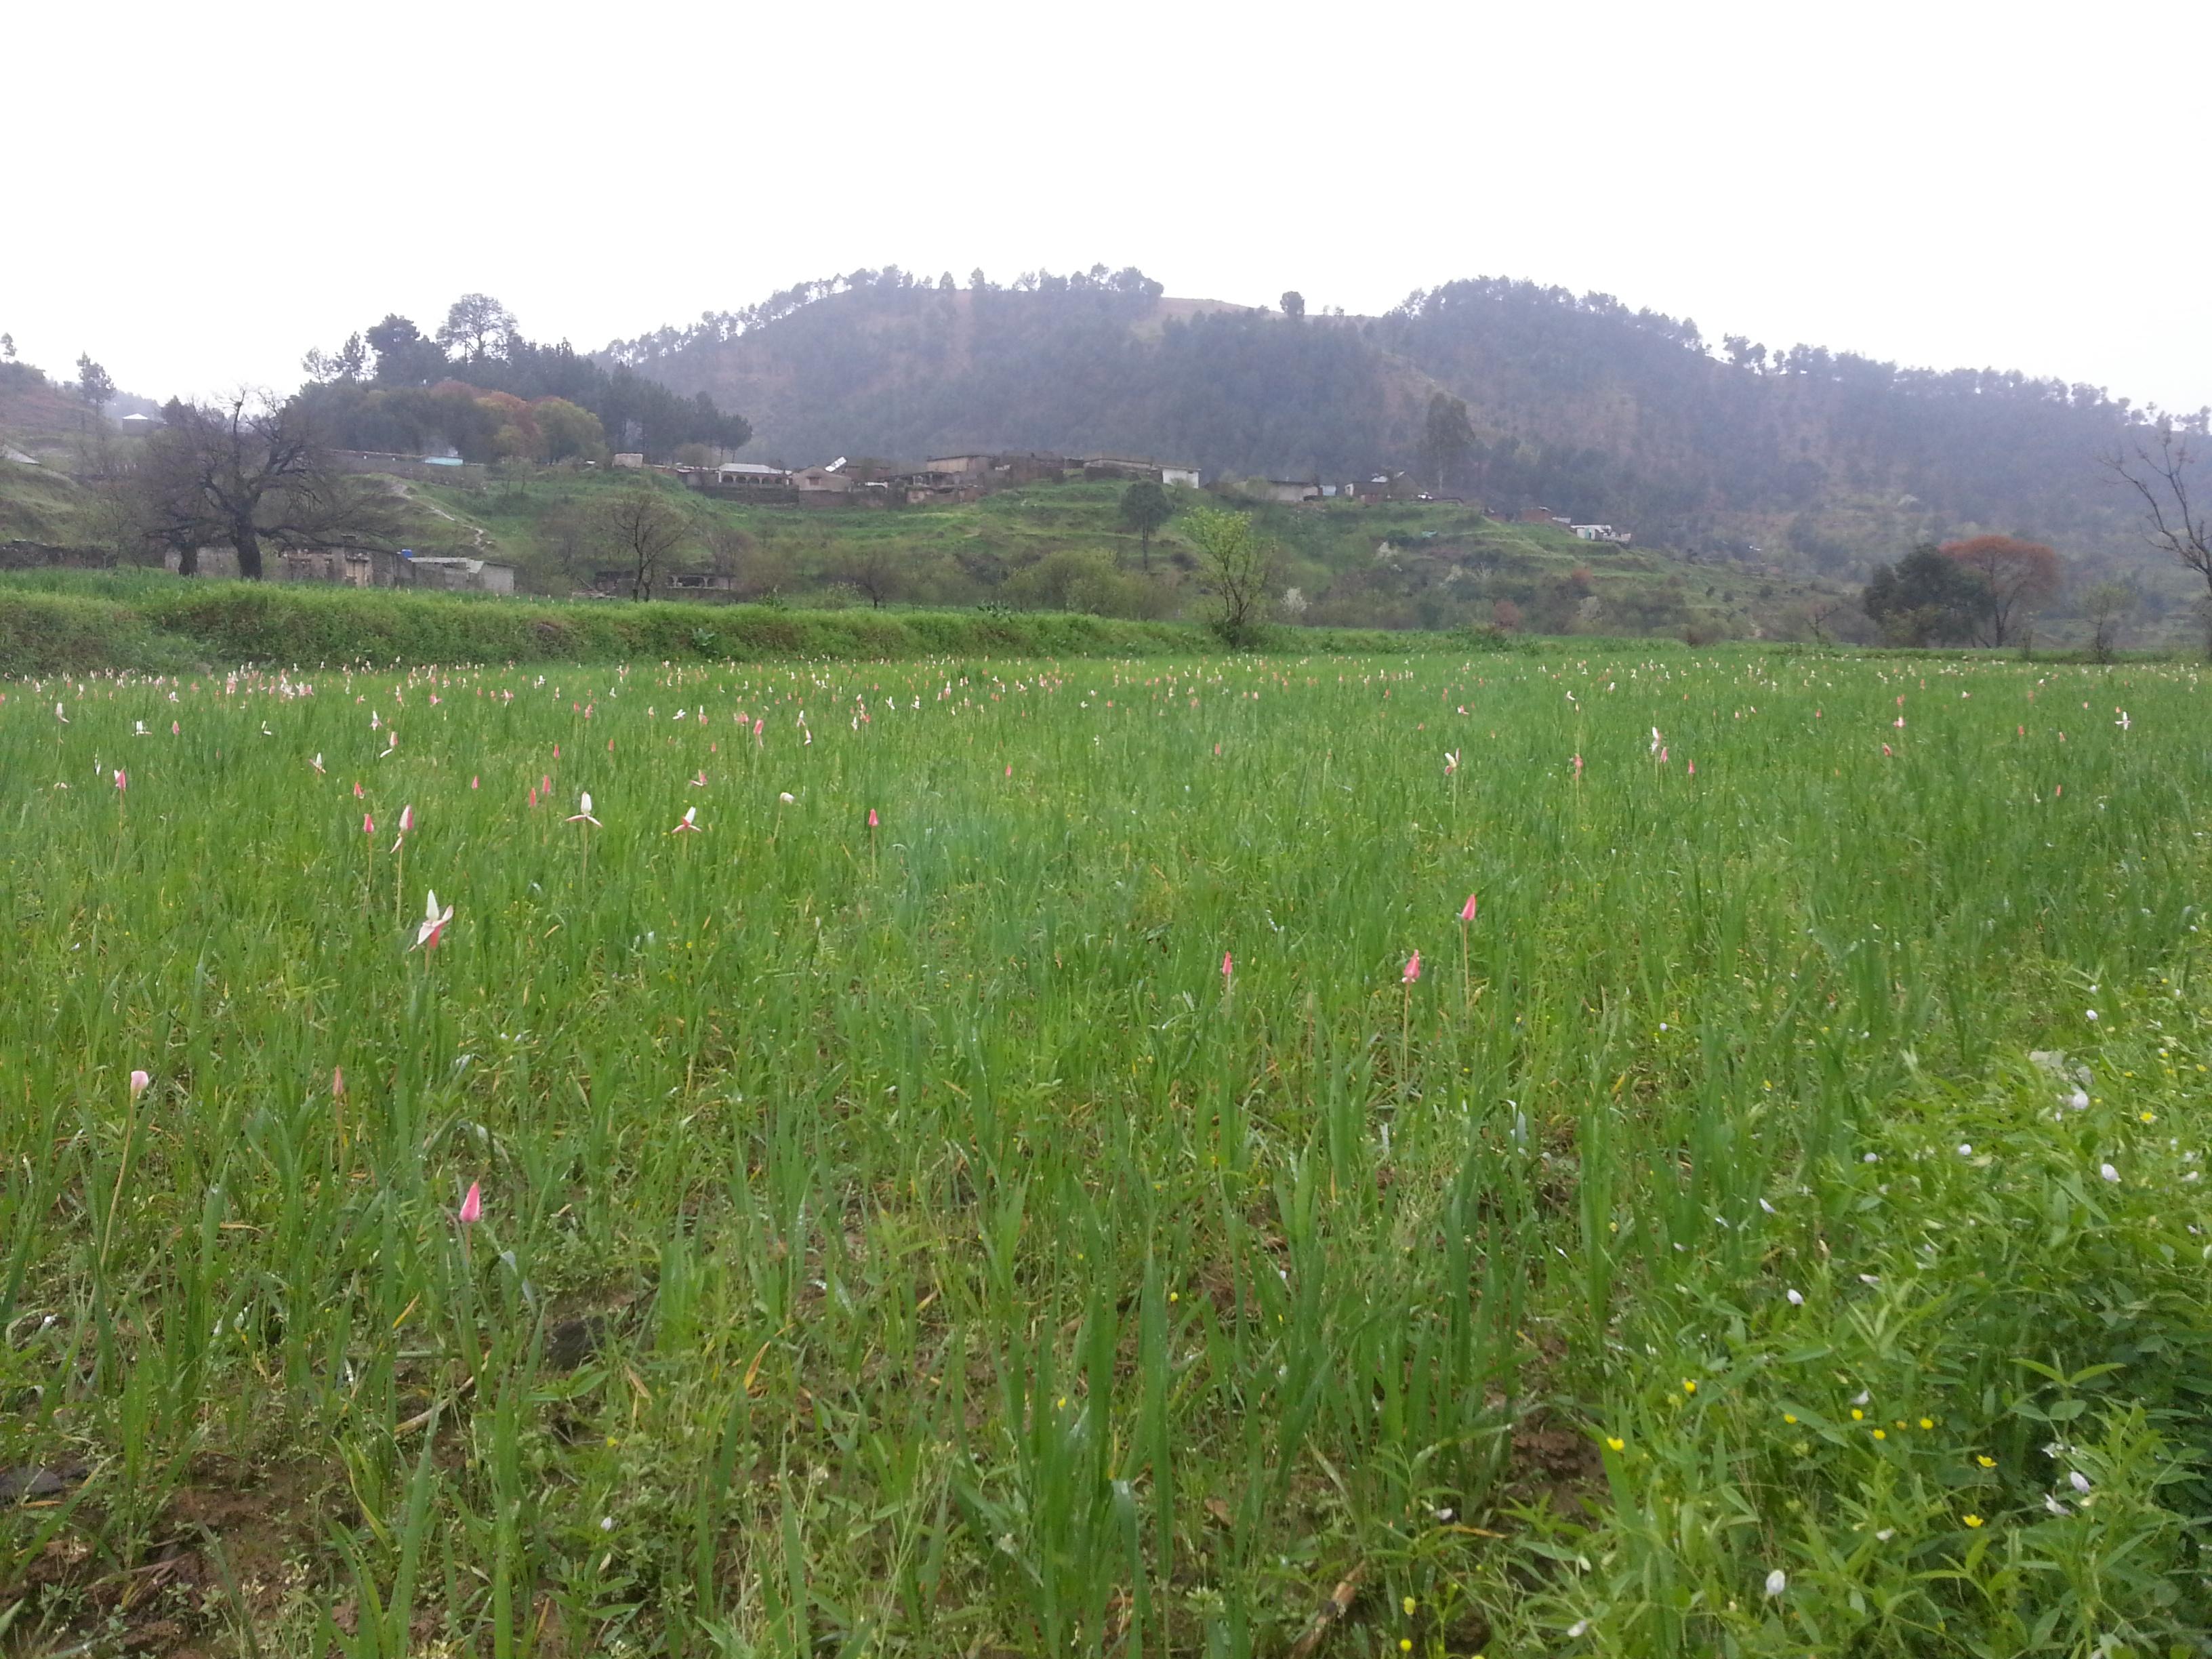 Ghanttol flowers in the field